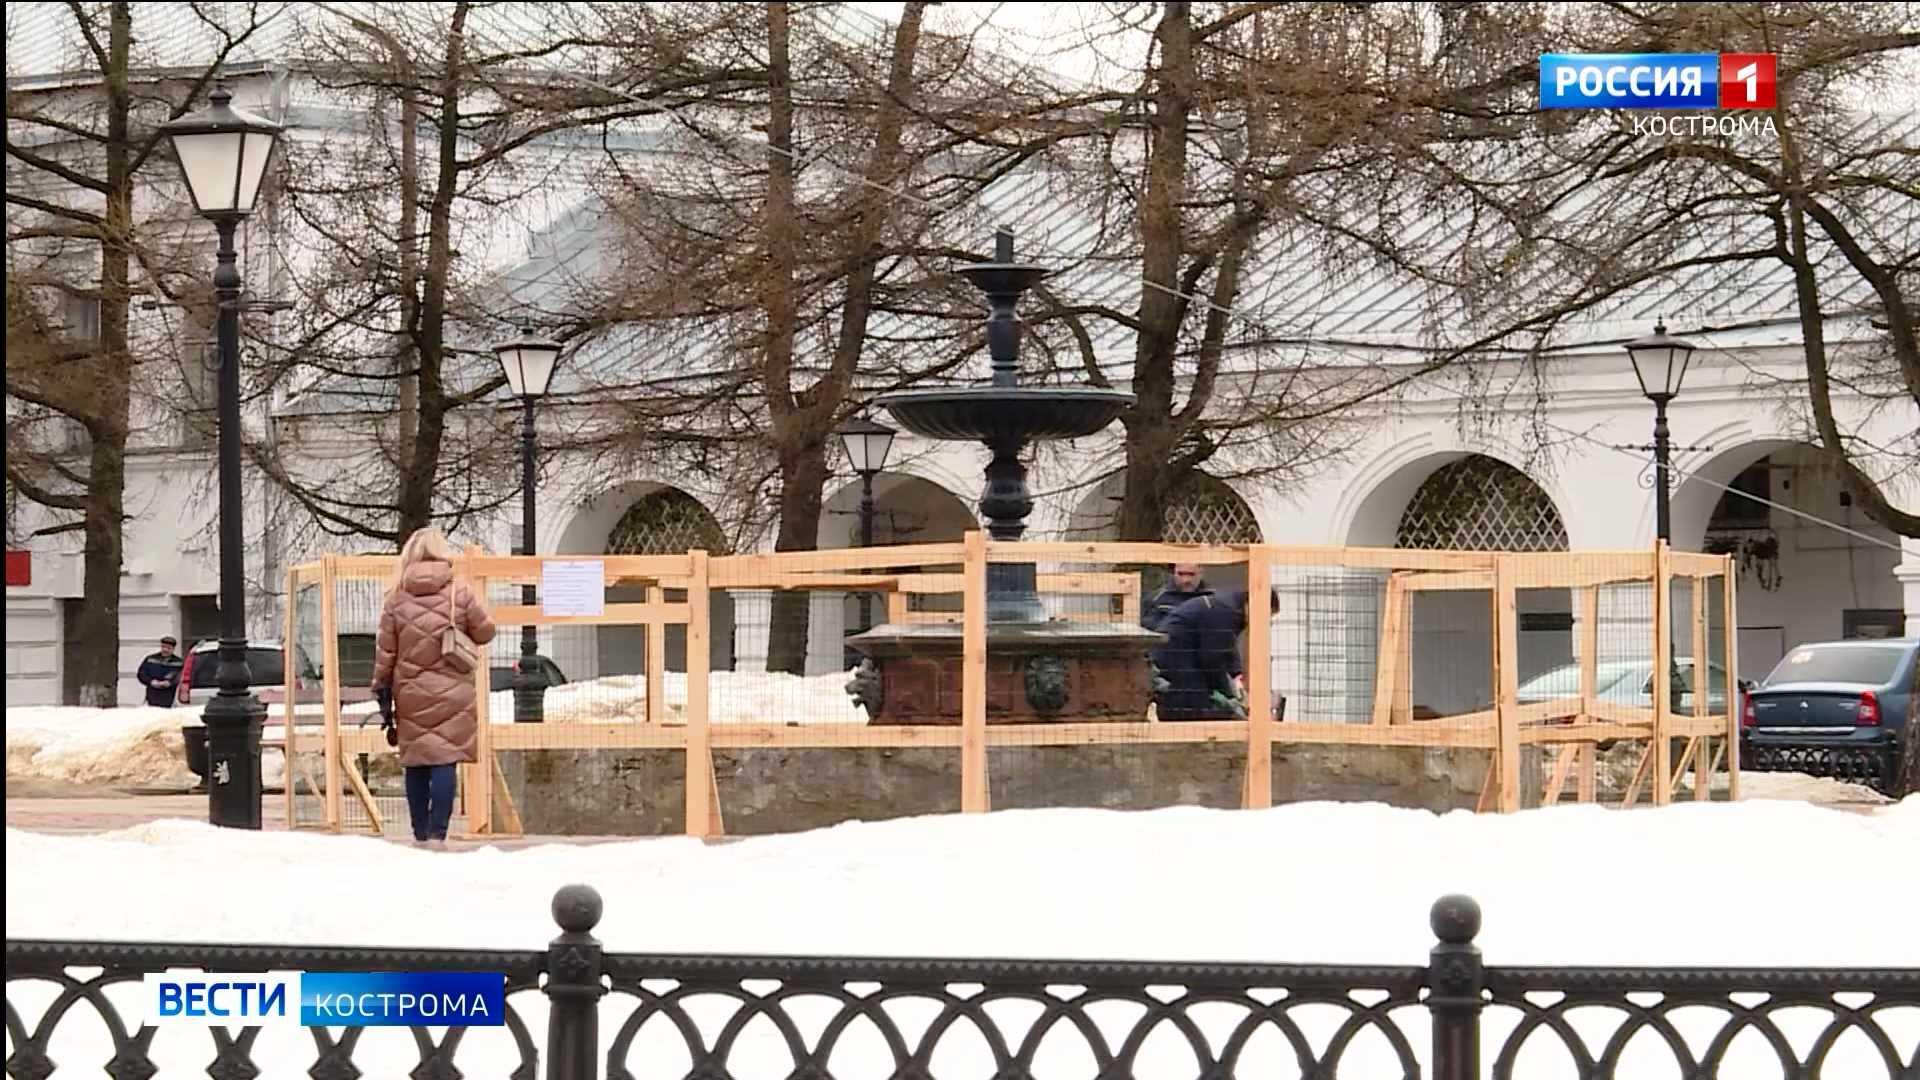 Главный фонтан Костромы закрыли на капремонт